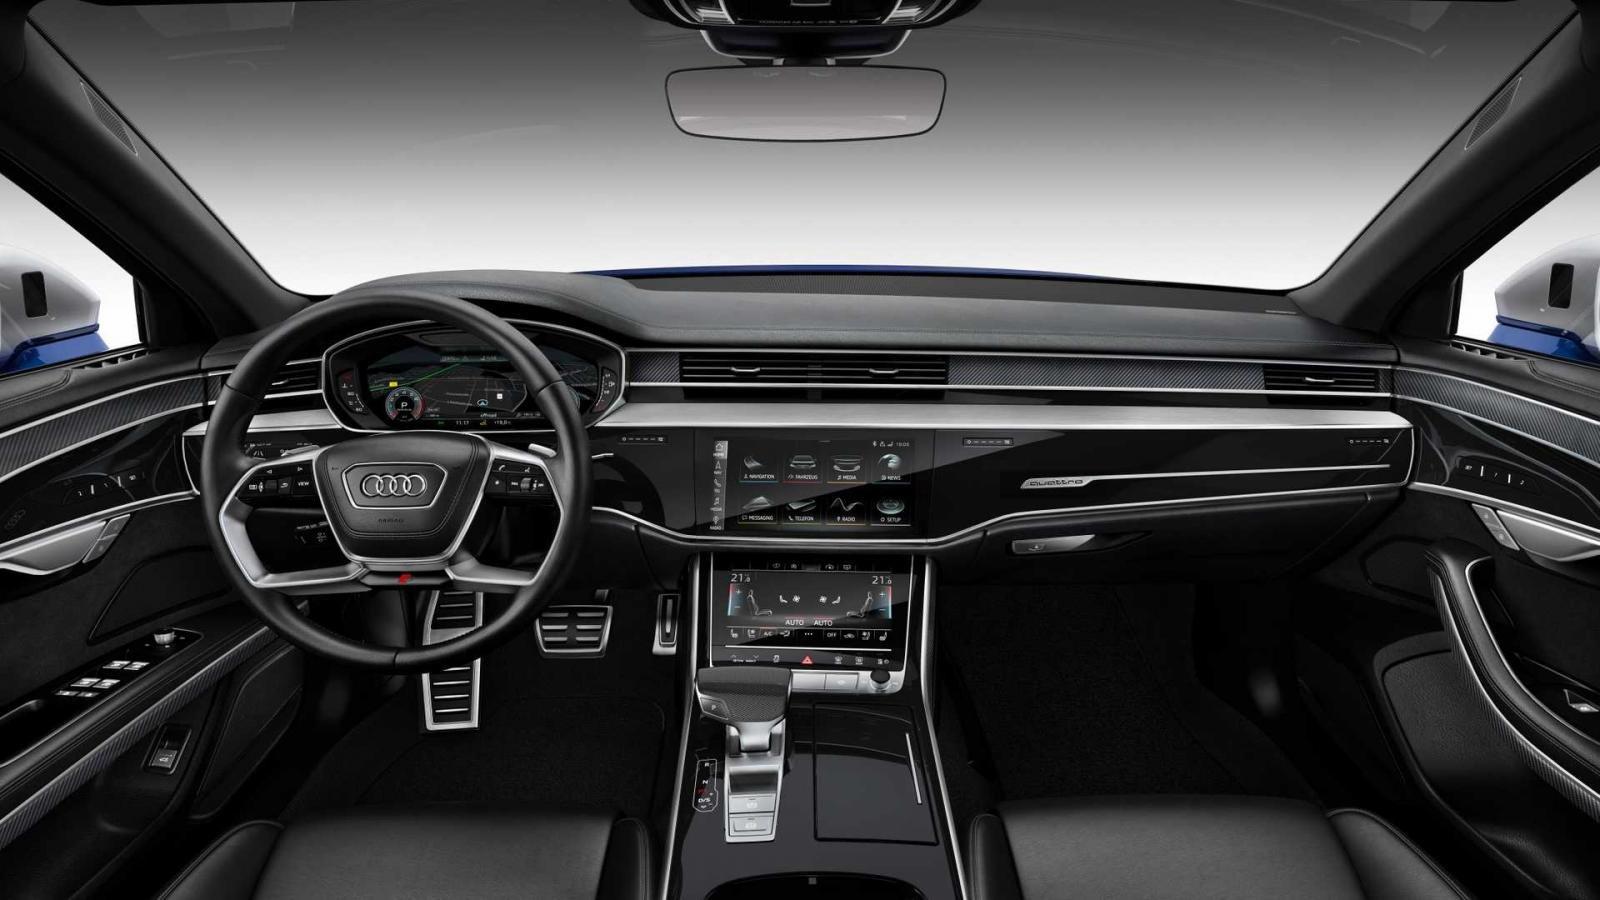 Đánh giá xe Aud S8 2020 về bảng táp-lô.